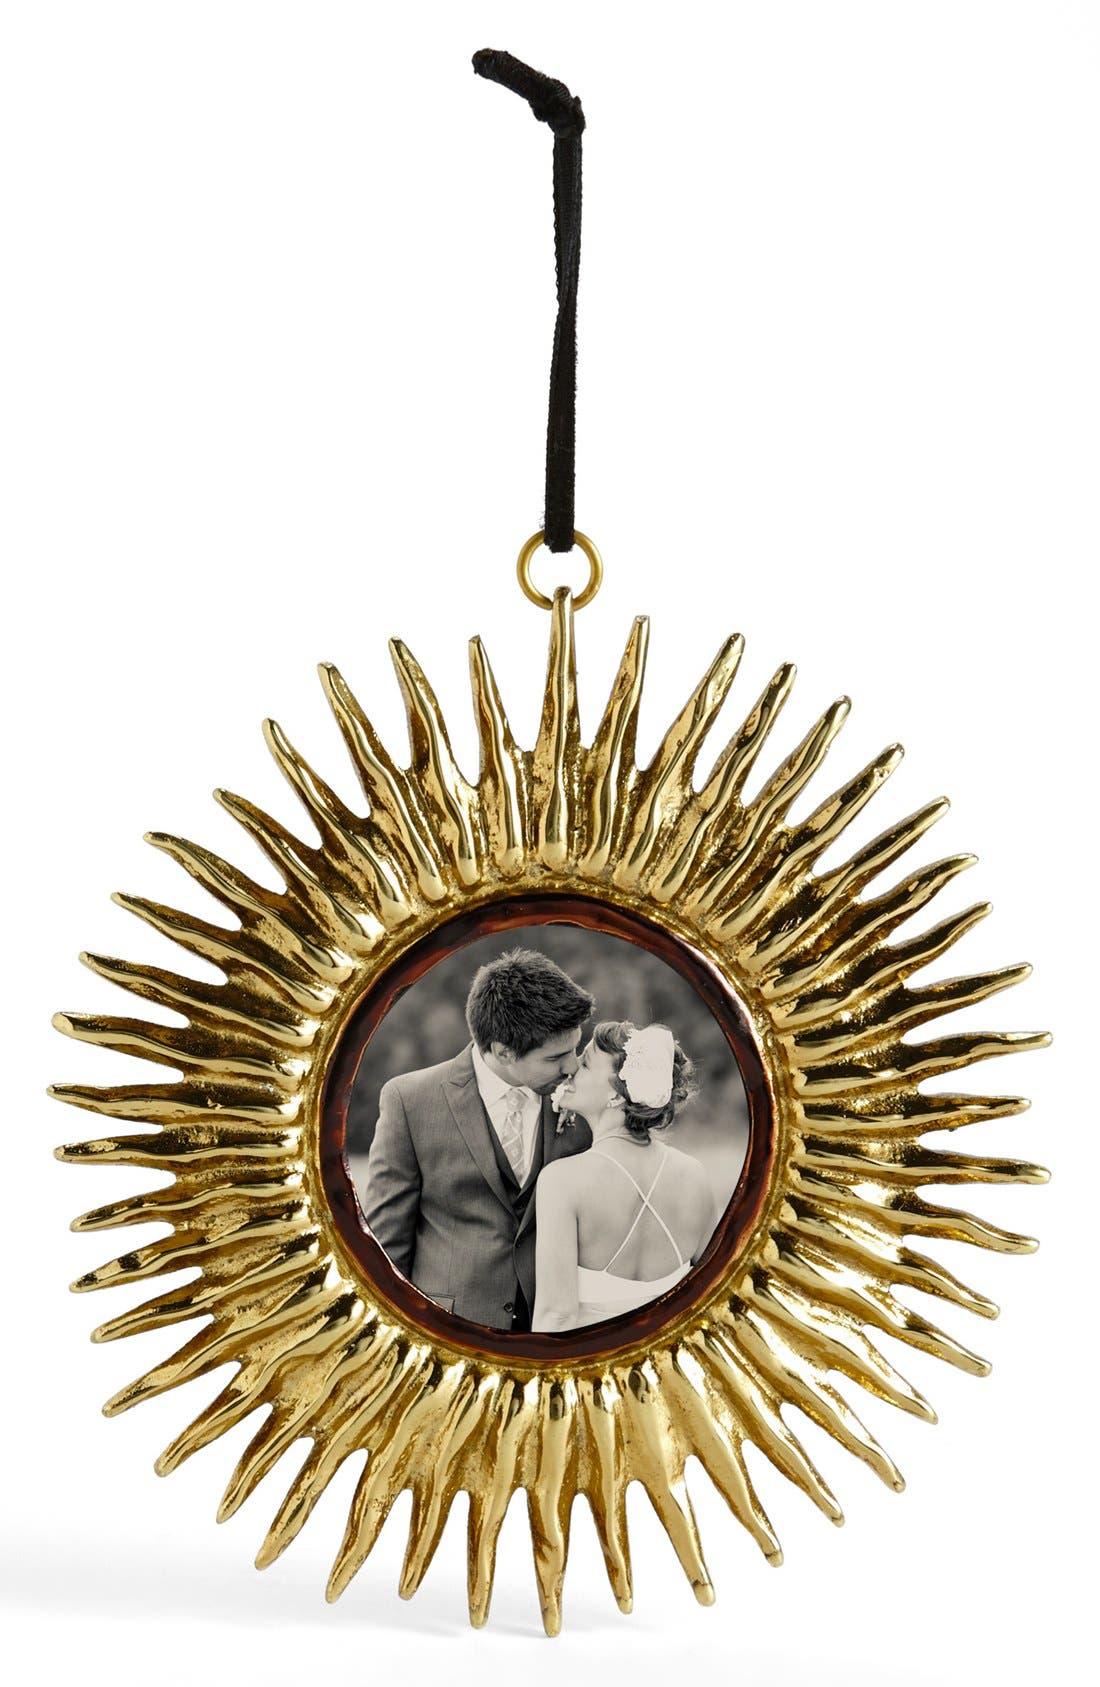 Alternate Image 1 Selected - Michael Aram 'Sunburst Frame' Ornament